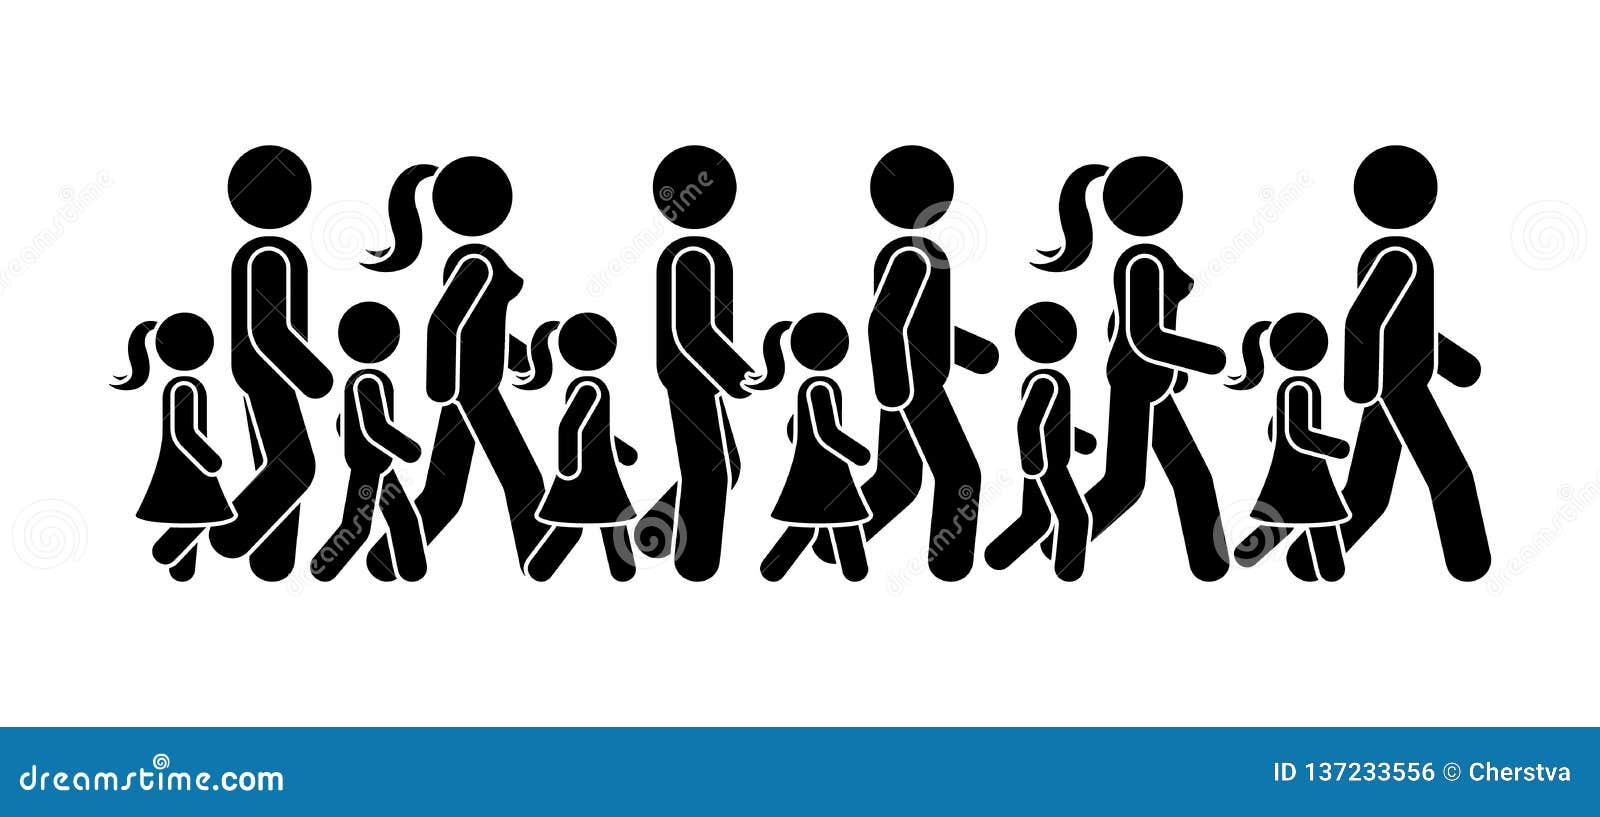 Stokcijfer het lopen pictogram van het groeps mensen het vectorpictogram Man, vrouw en kinderen die voorwaartse opeenvolgingsreek